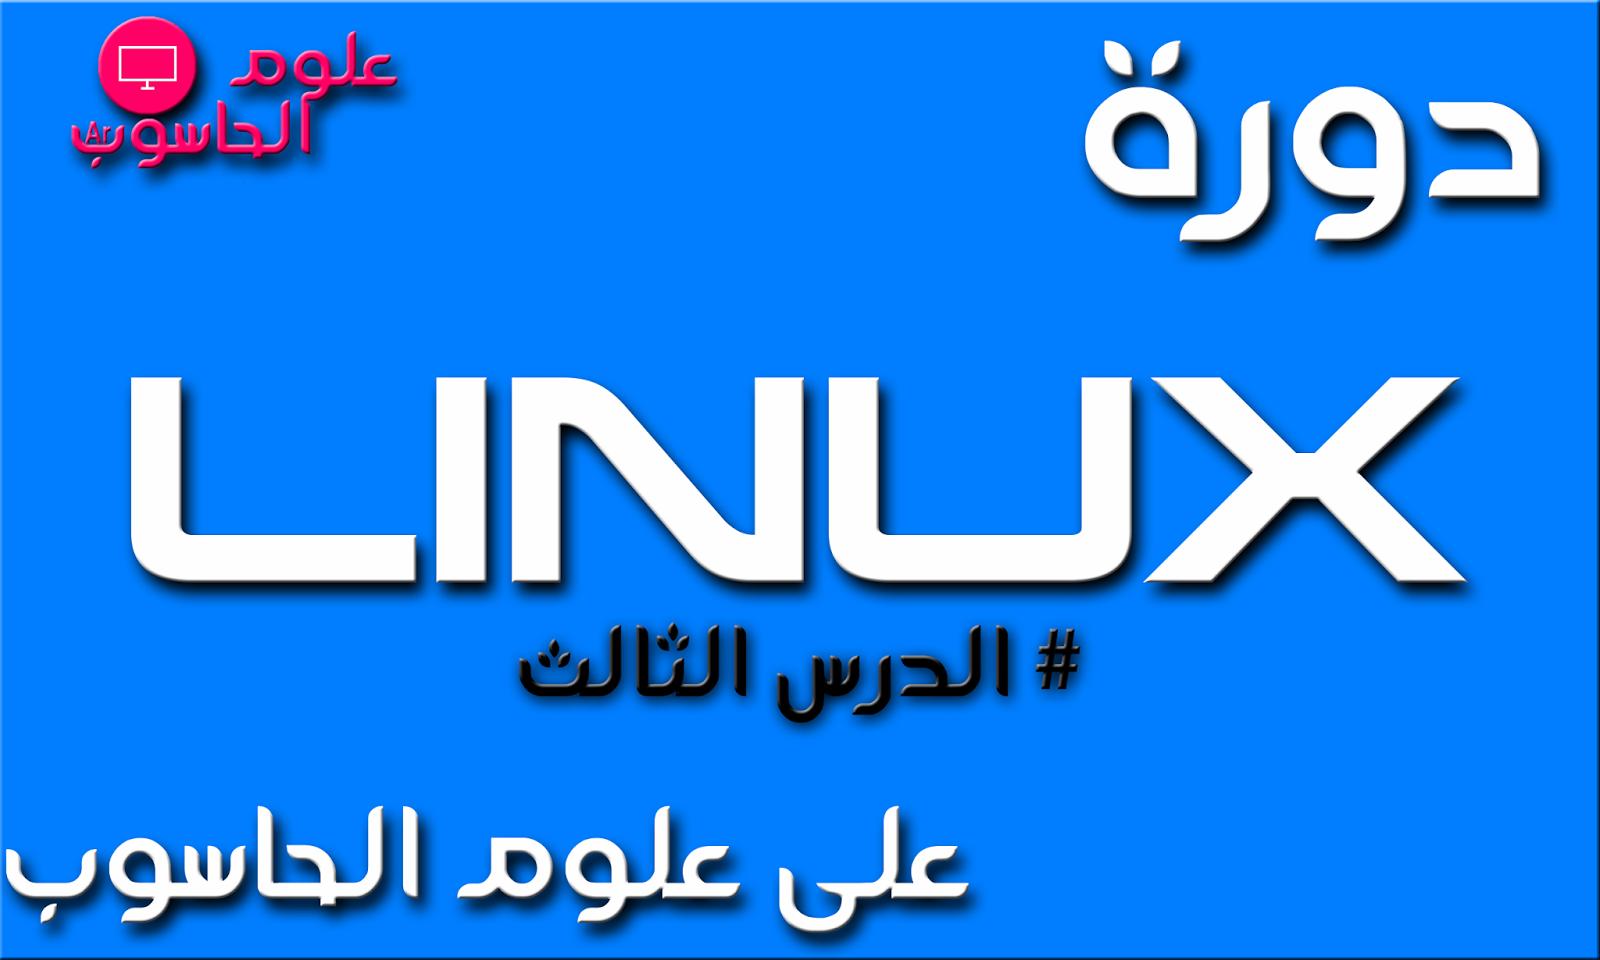 دورة لينكس Linux - الدرس الثالث : تسطيب VMware Tools و التعرف على واجهة النظام